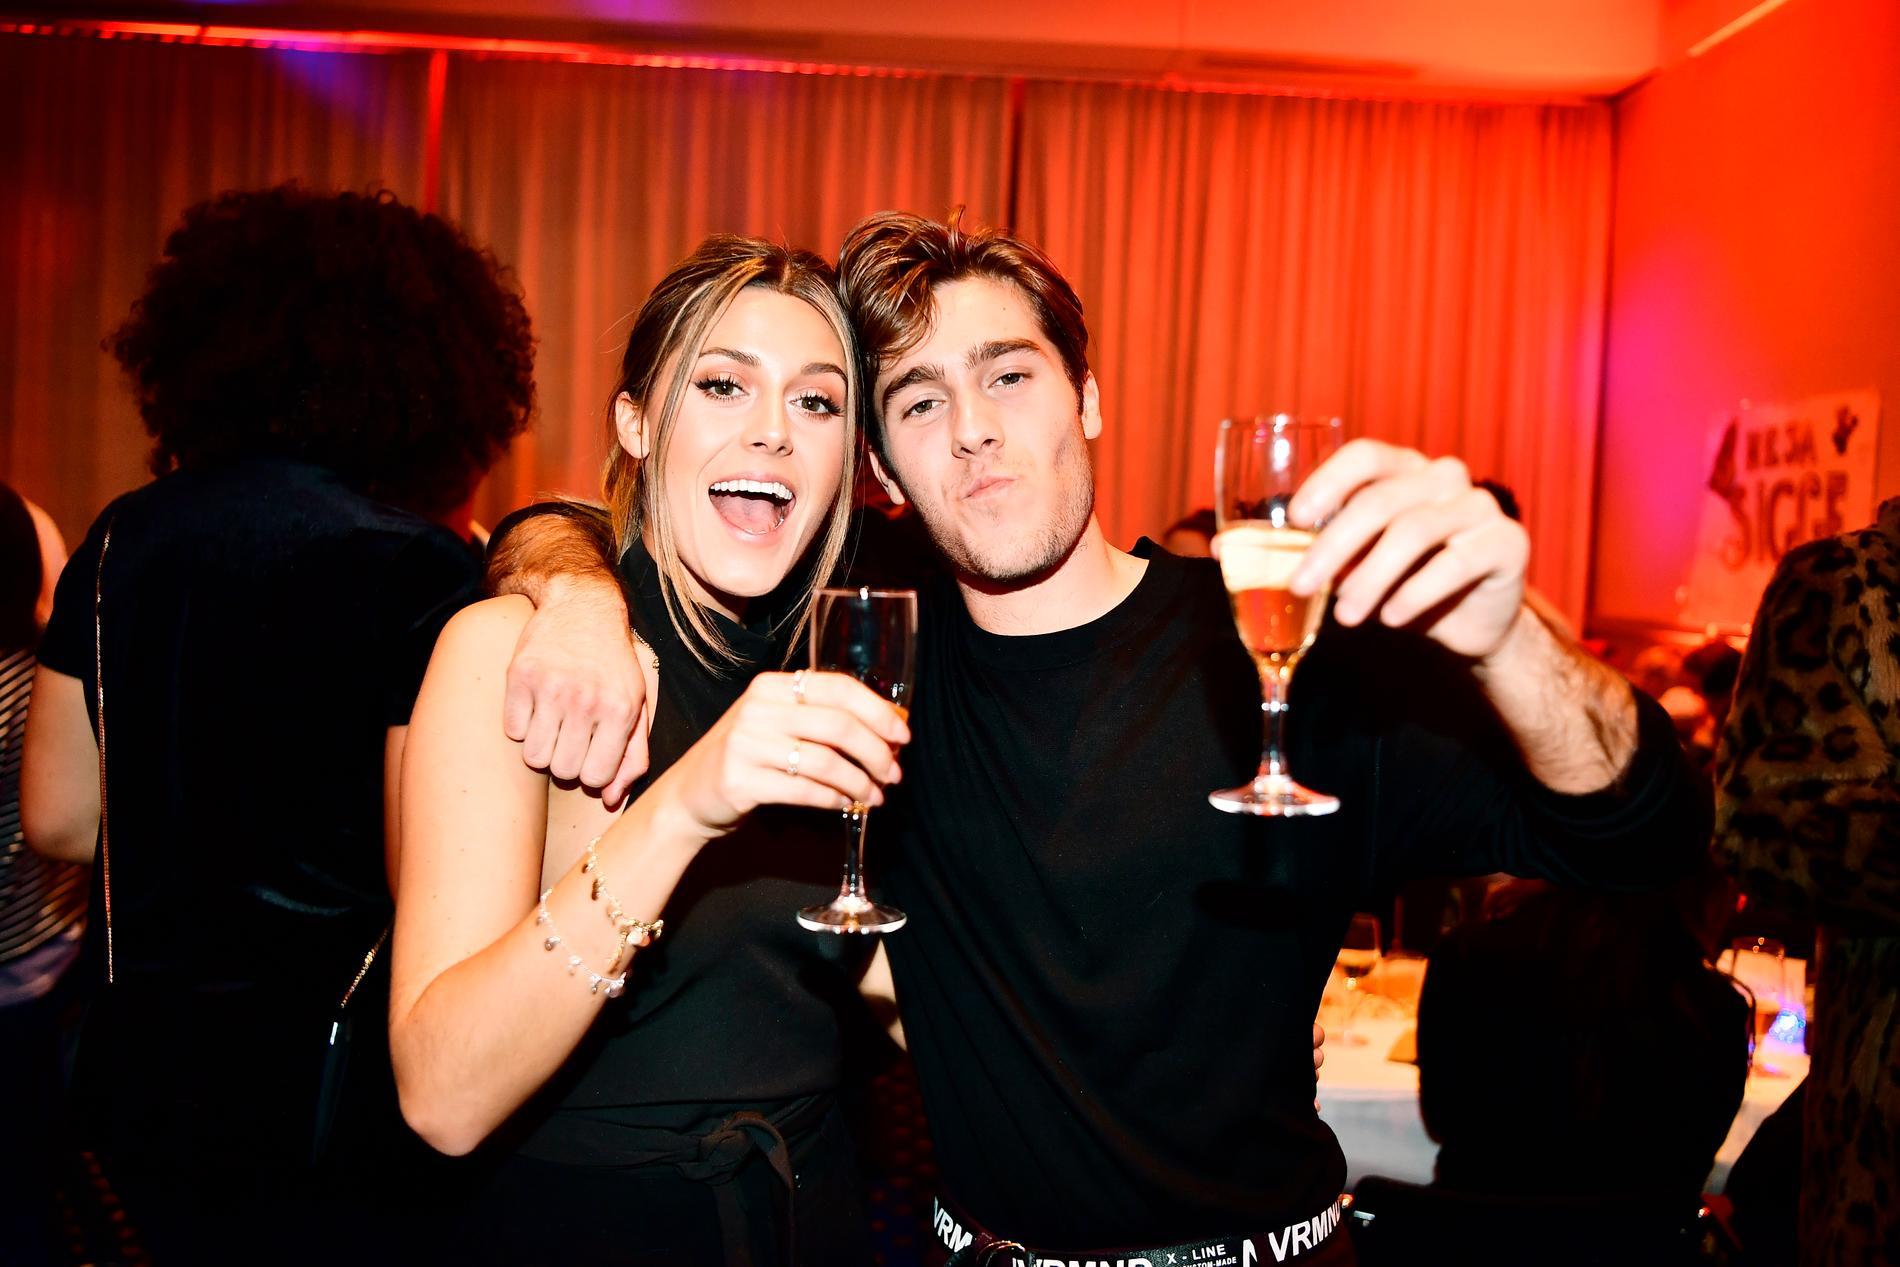 Bianca och Benjamin Ingrosso på Melodifestivalen 2018